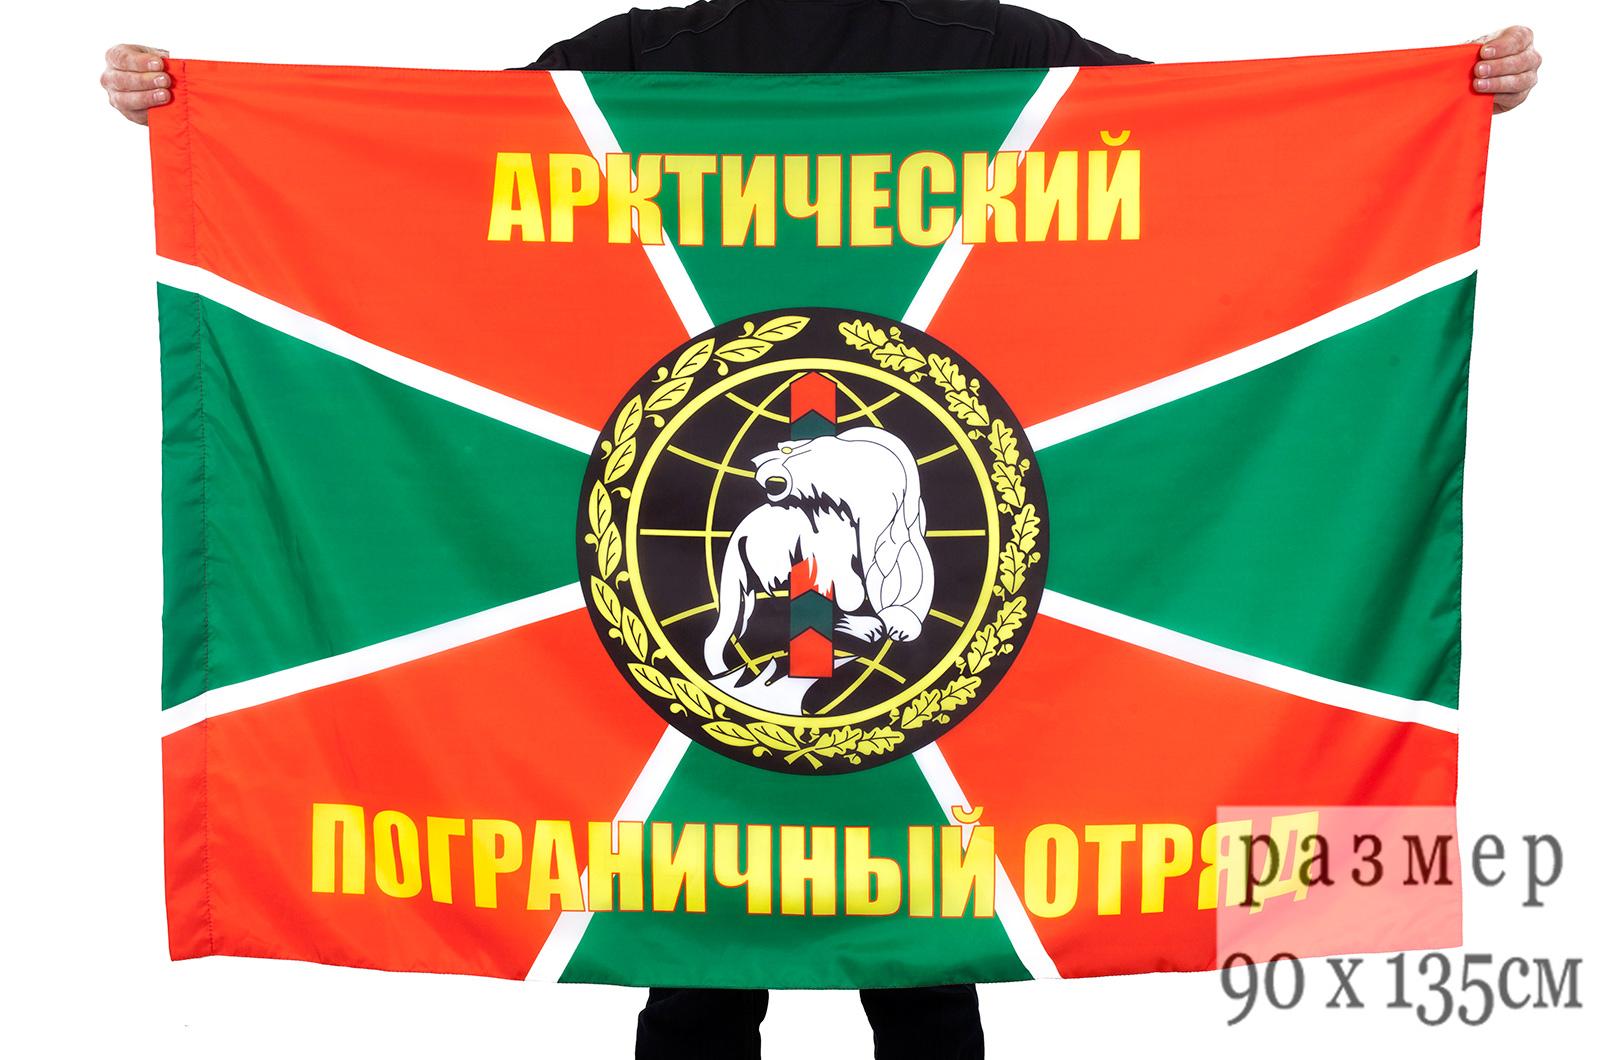 """Купить флаг """"Отдельный Арктический погранотряд"""""""